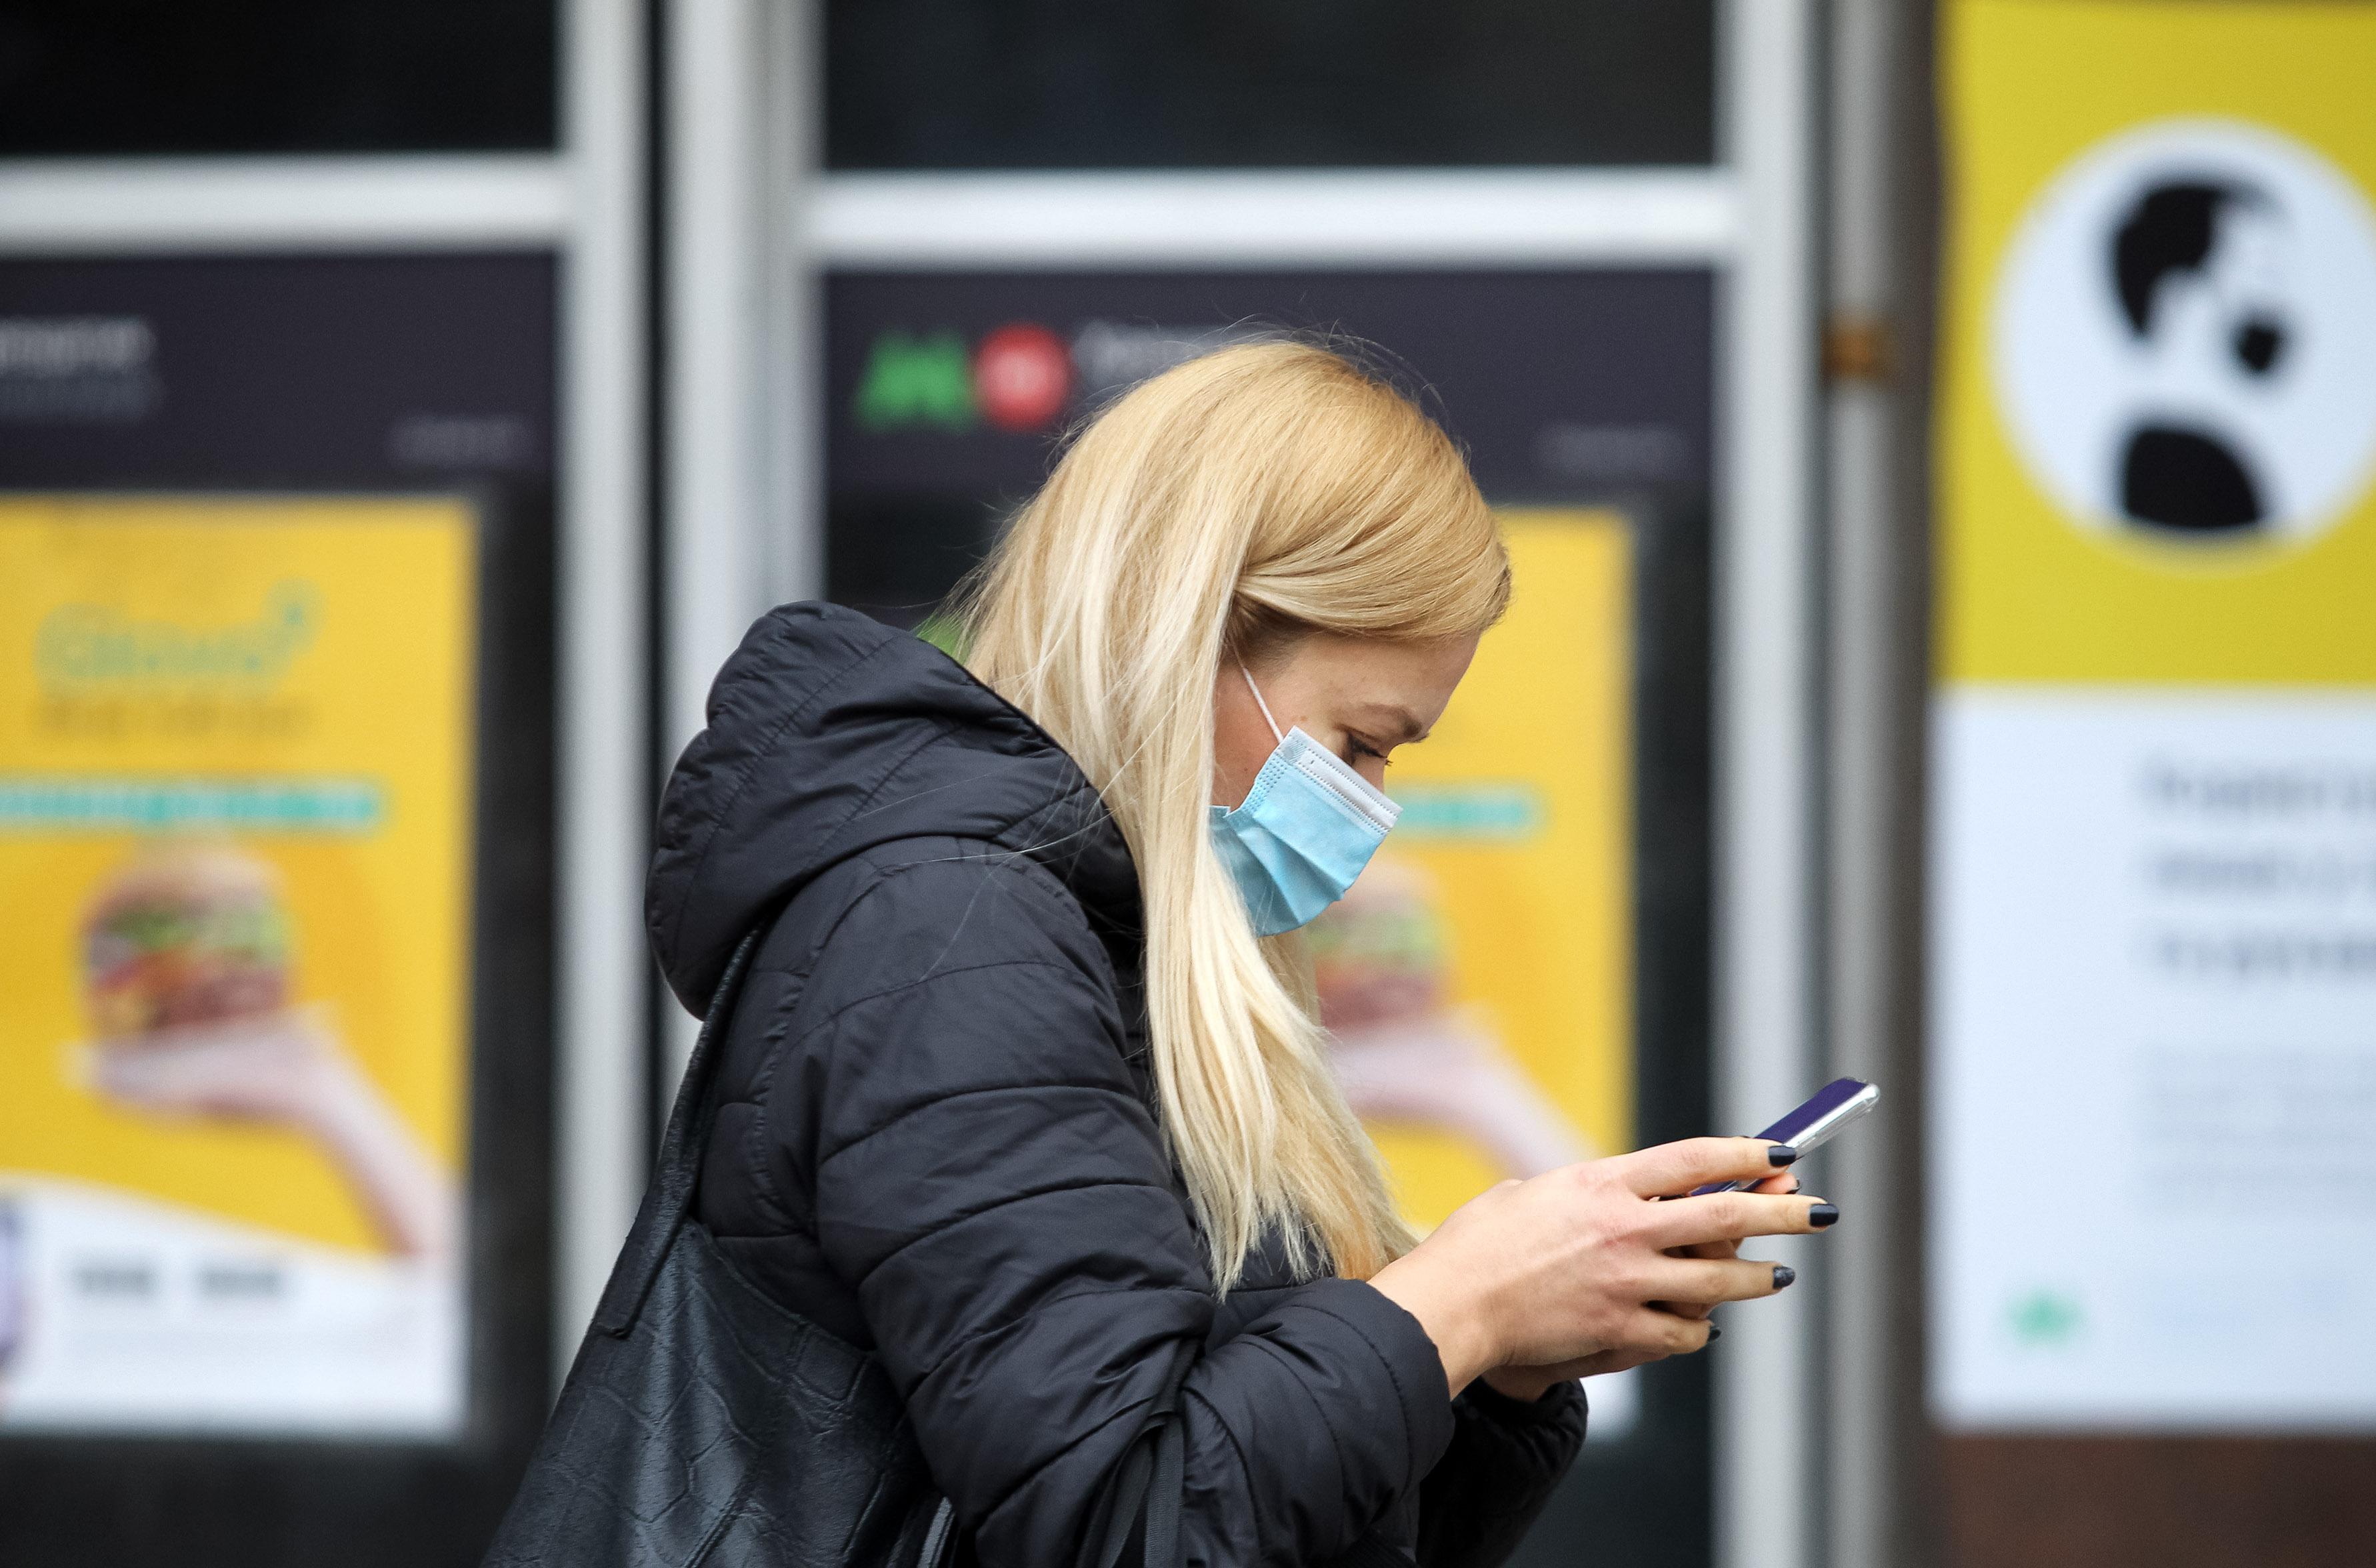 Mit tegyen otthon, ha koronavírusra         utaló tünetei vannak? Mikor szükséges mentőt hívni?